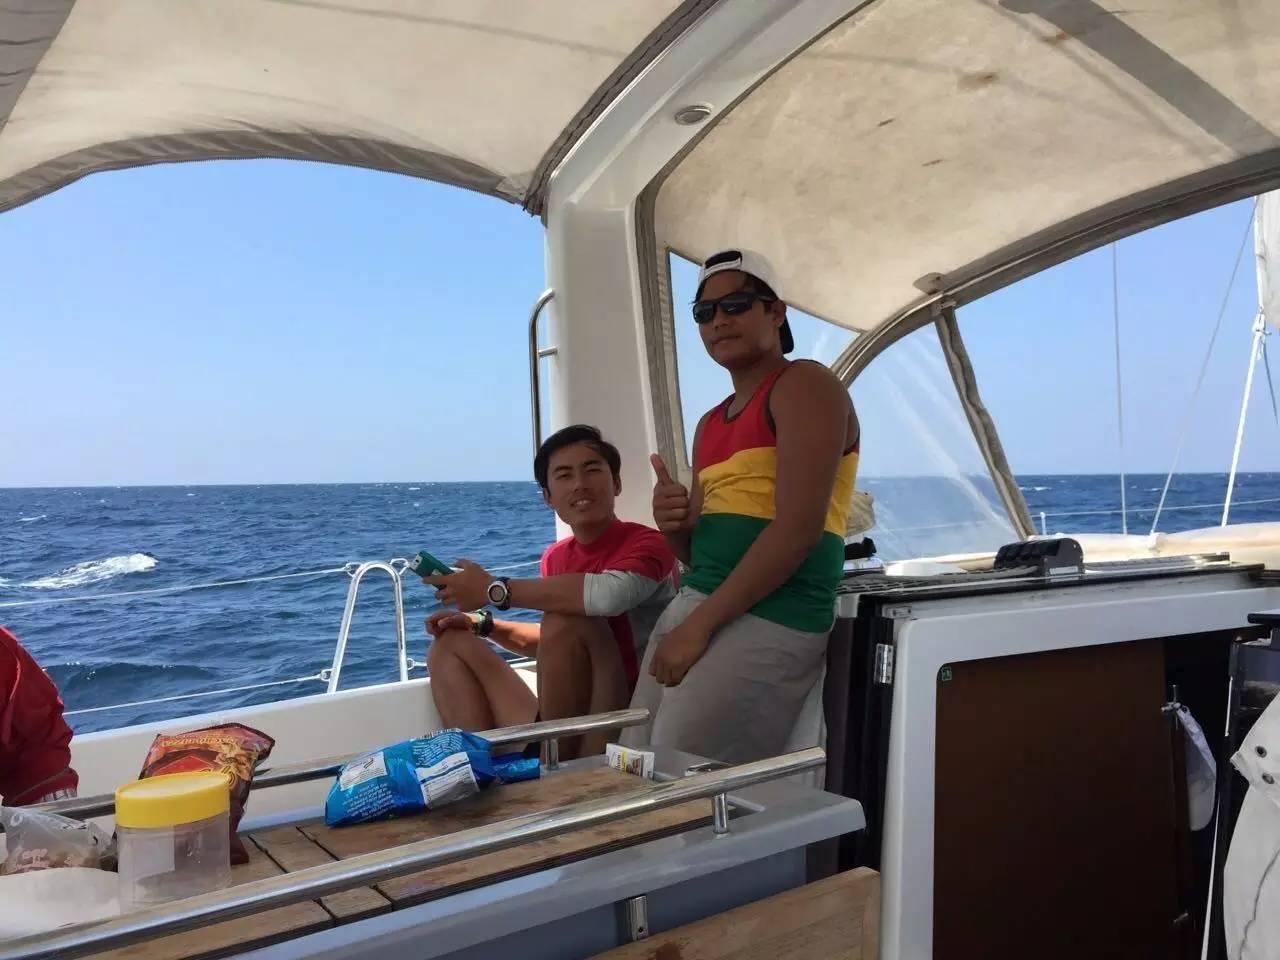 难忘的日落风帆,菲律宾极美海岛游记! 7a3cf14bde0c3f71eb8c071ffb7998bb.jpg